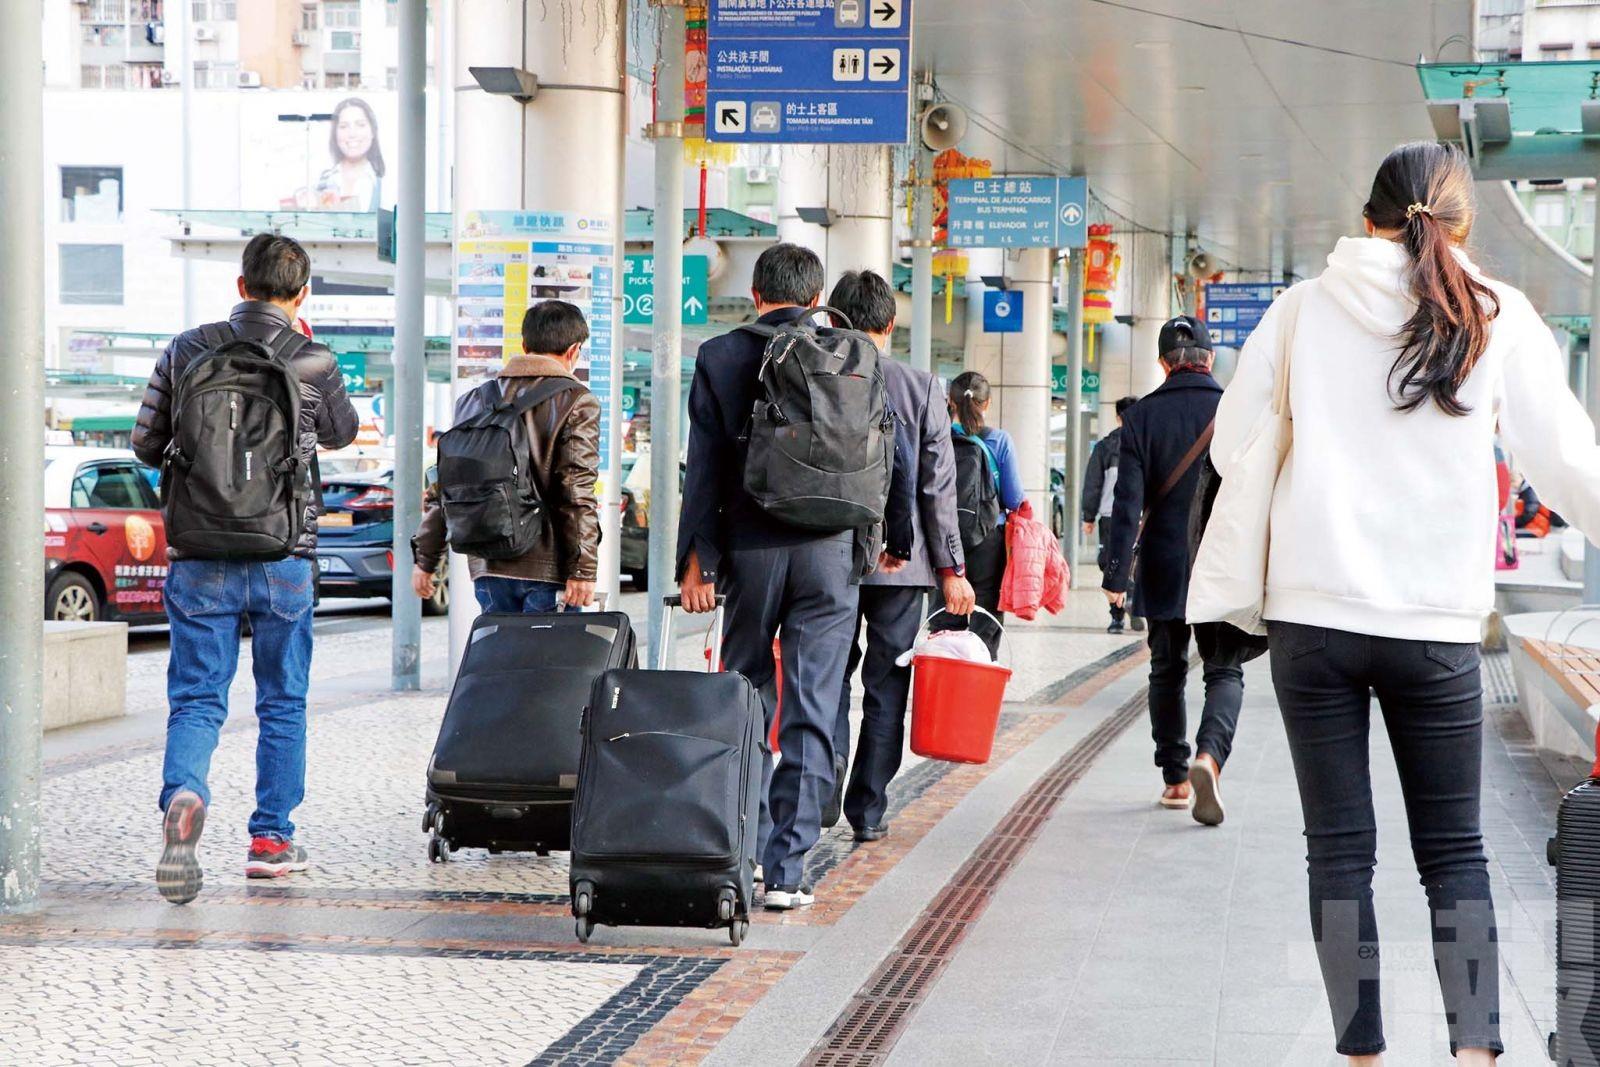 多次往返本地居民 入境須作醫學檢查